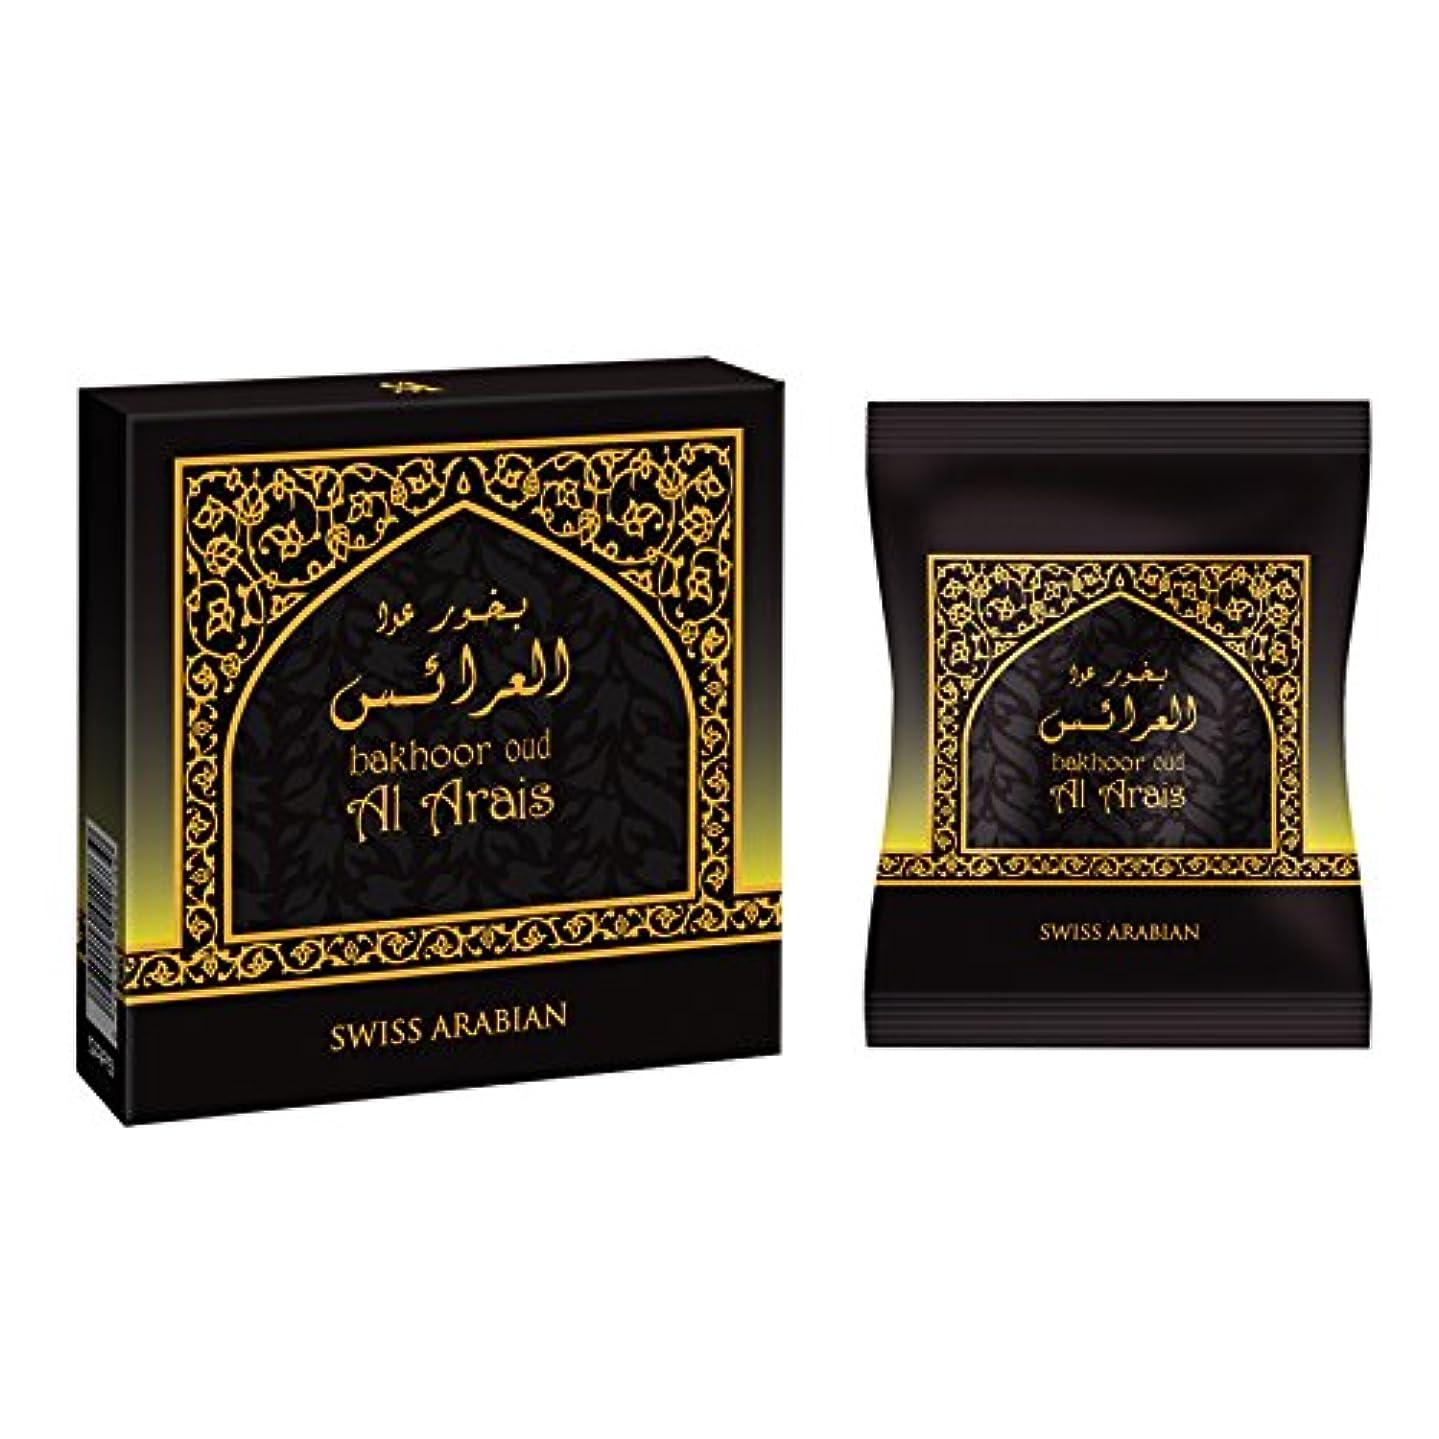 のぞき見スリッパ不快swissarabian Oud Al Arais Bakhoor (40g) Incense